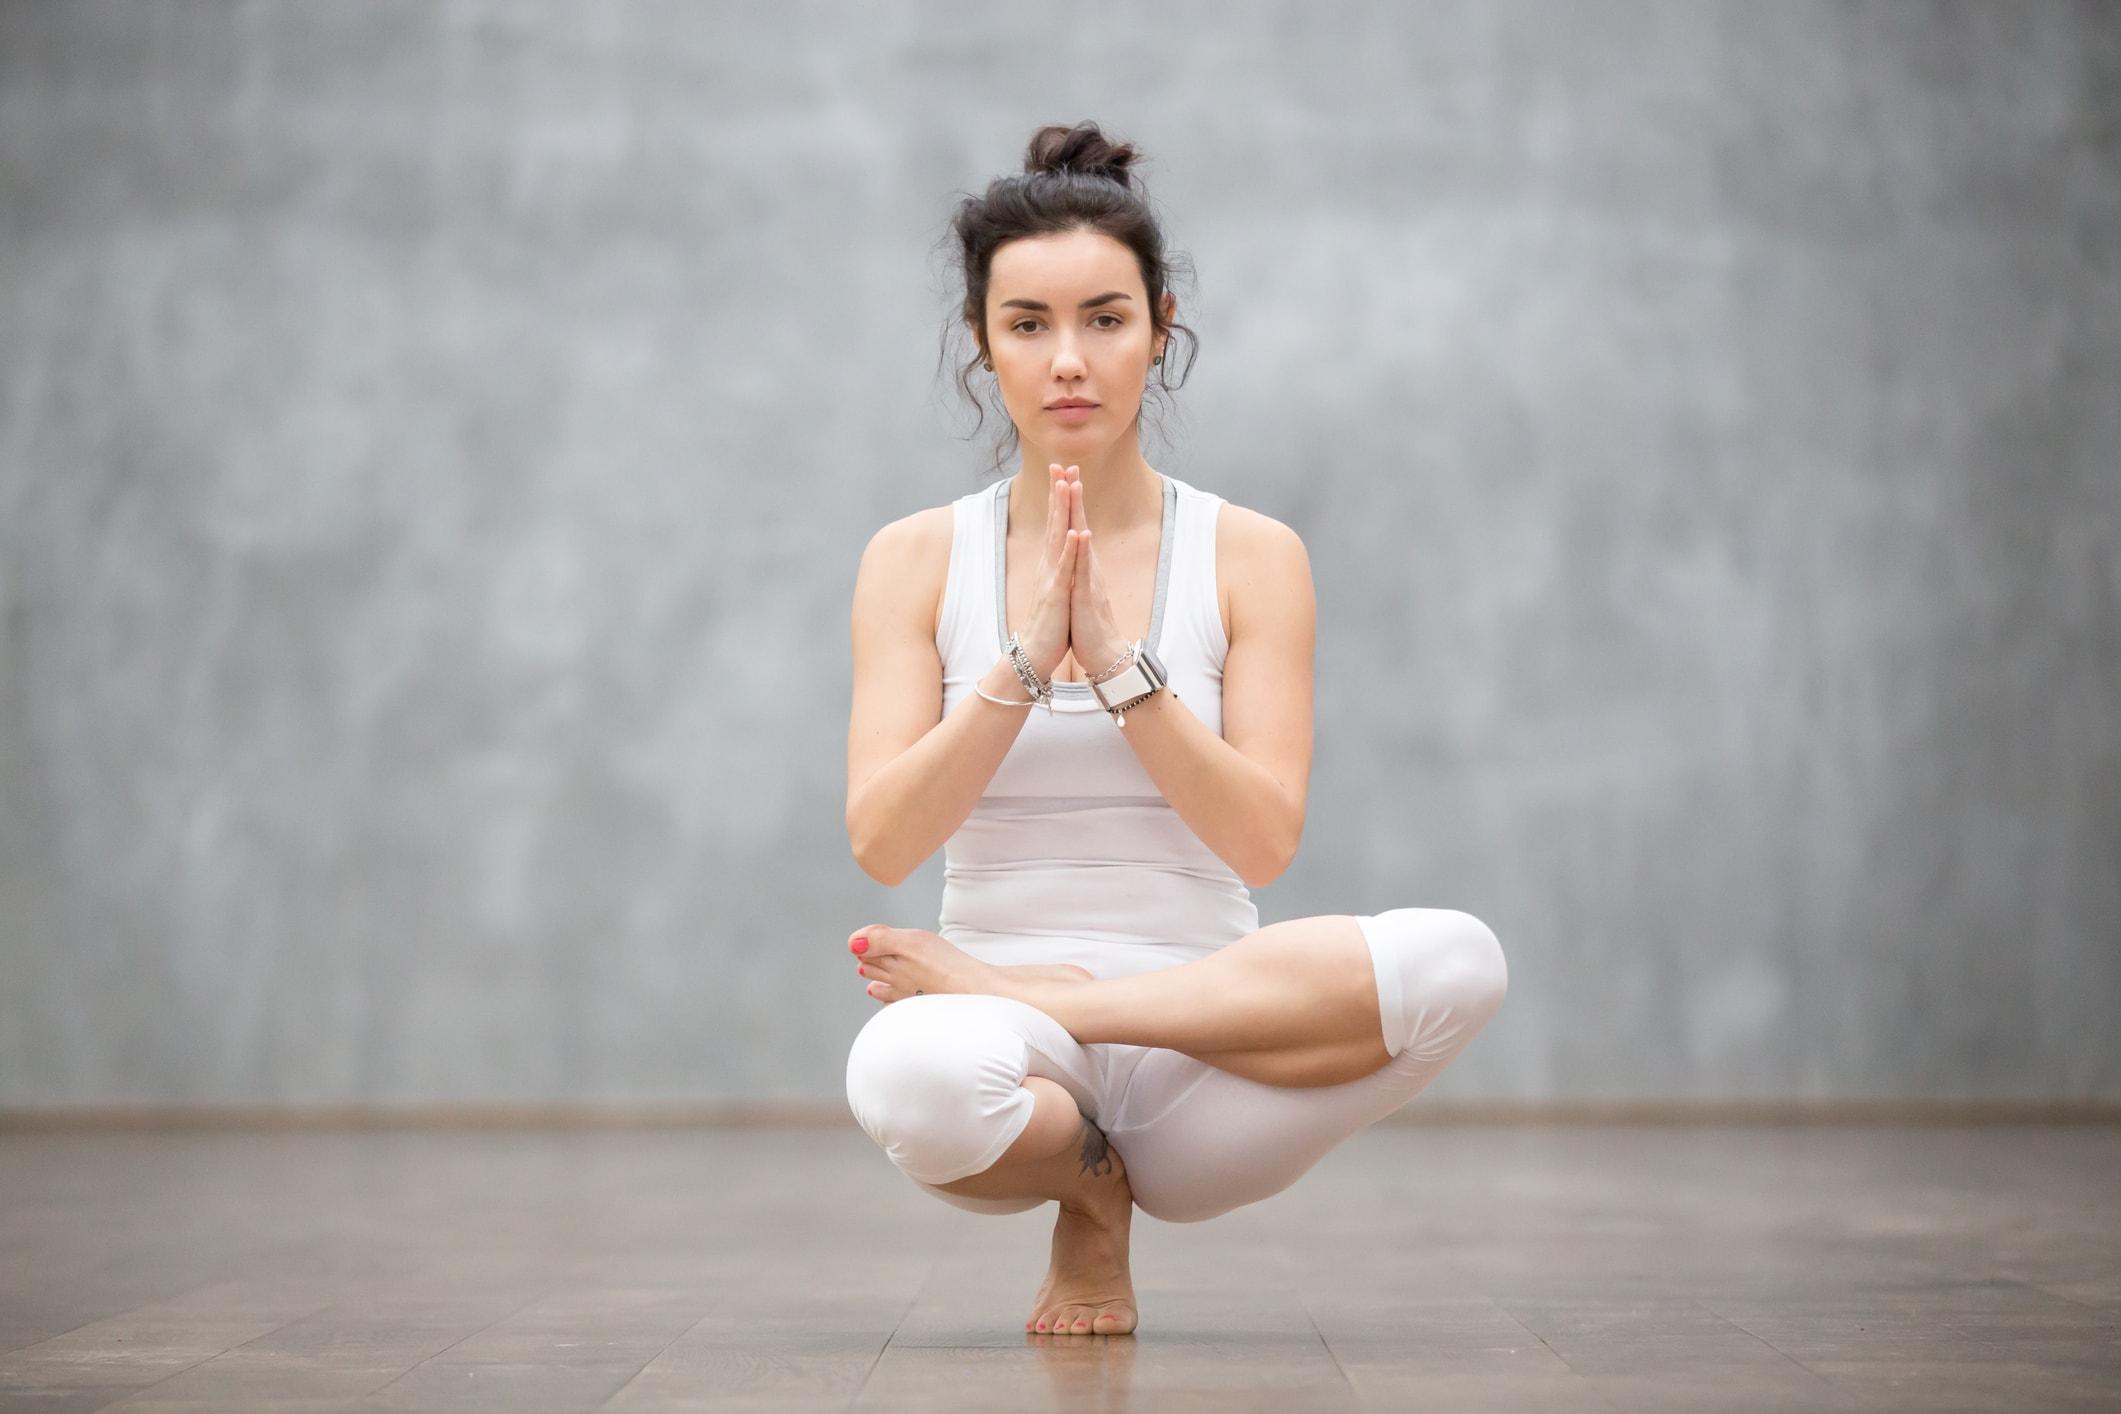 Mädchen treibt Yoga und meditiert